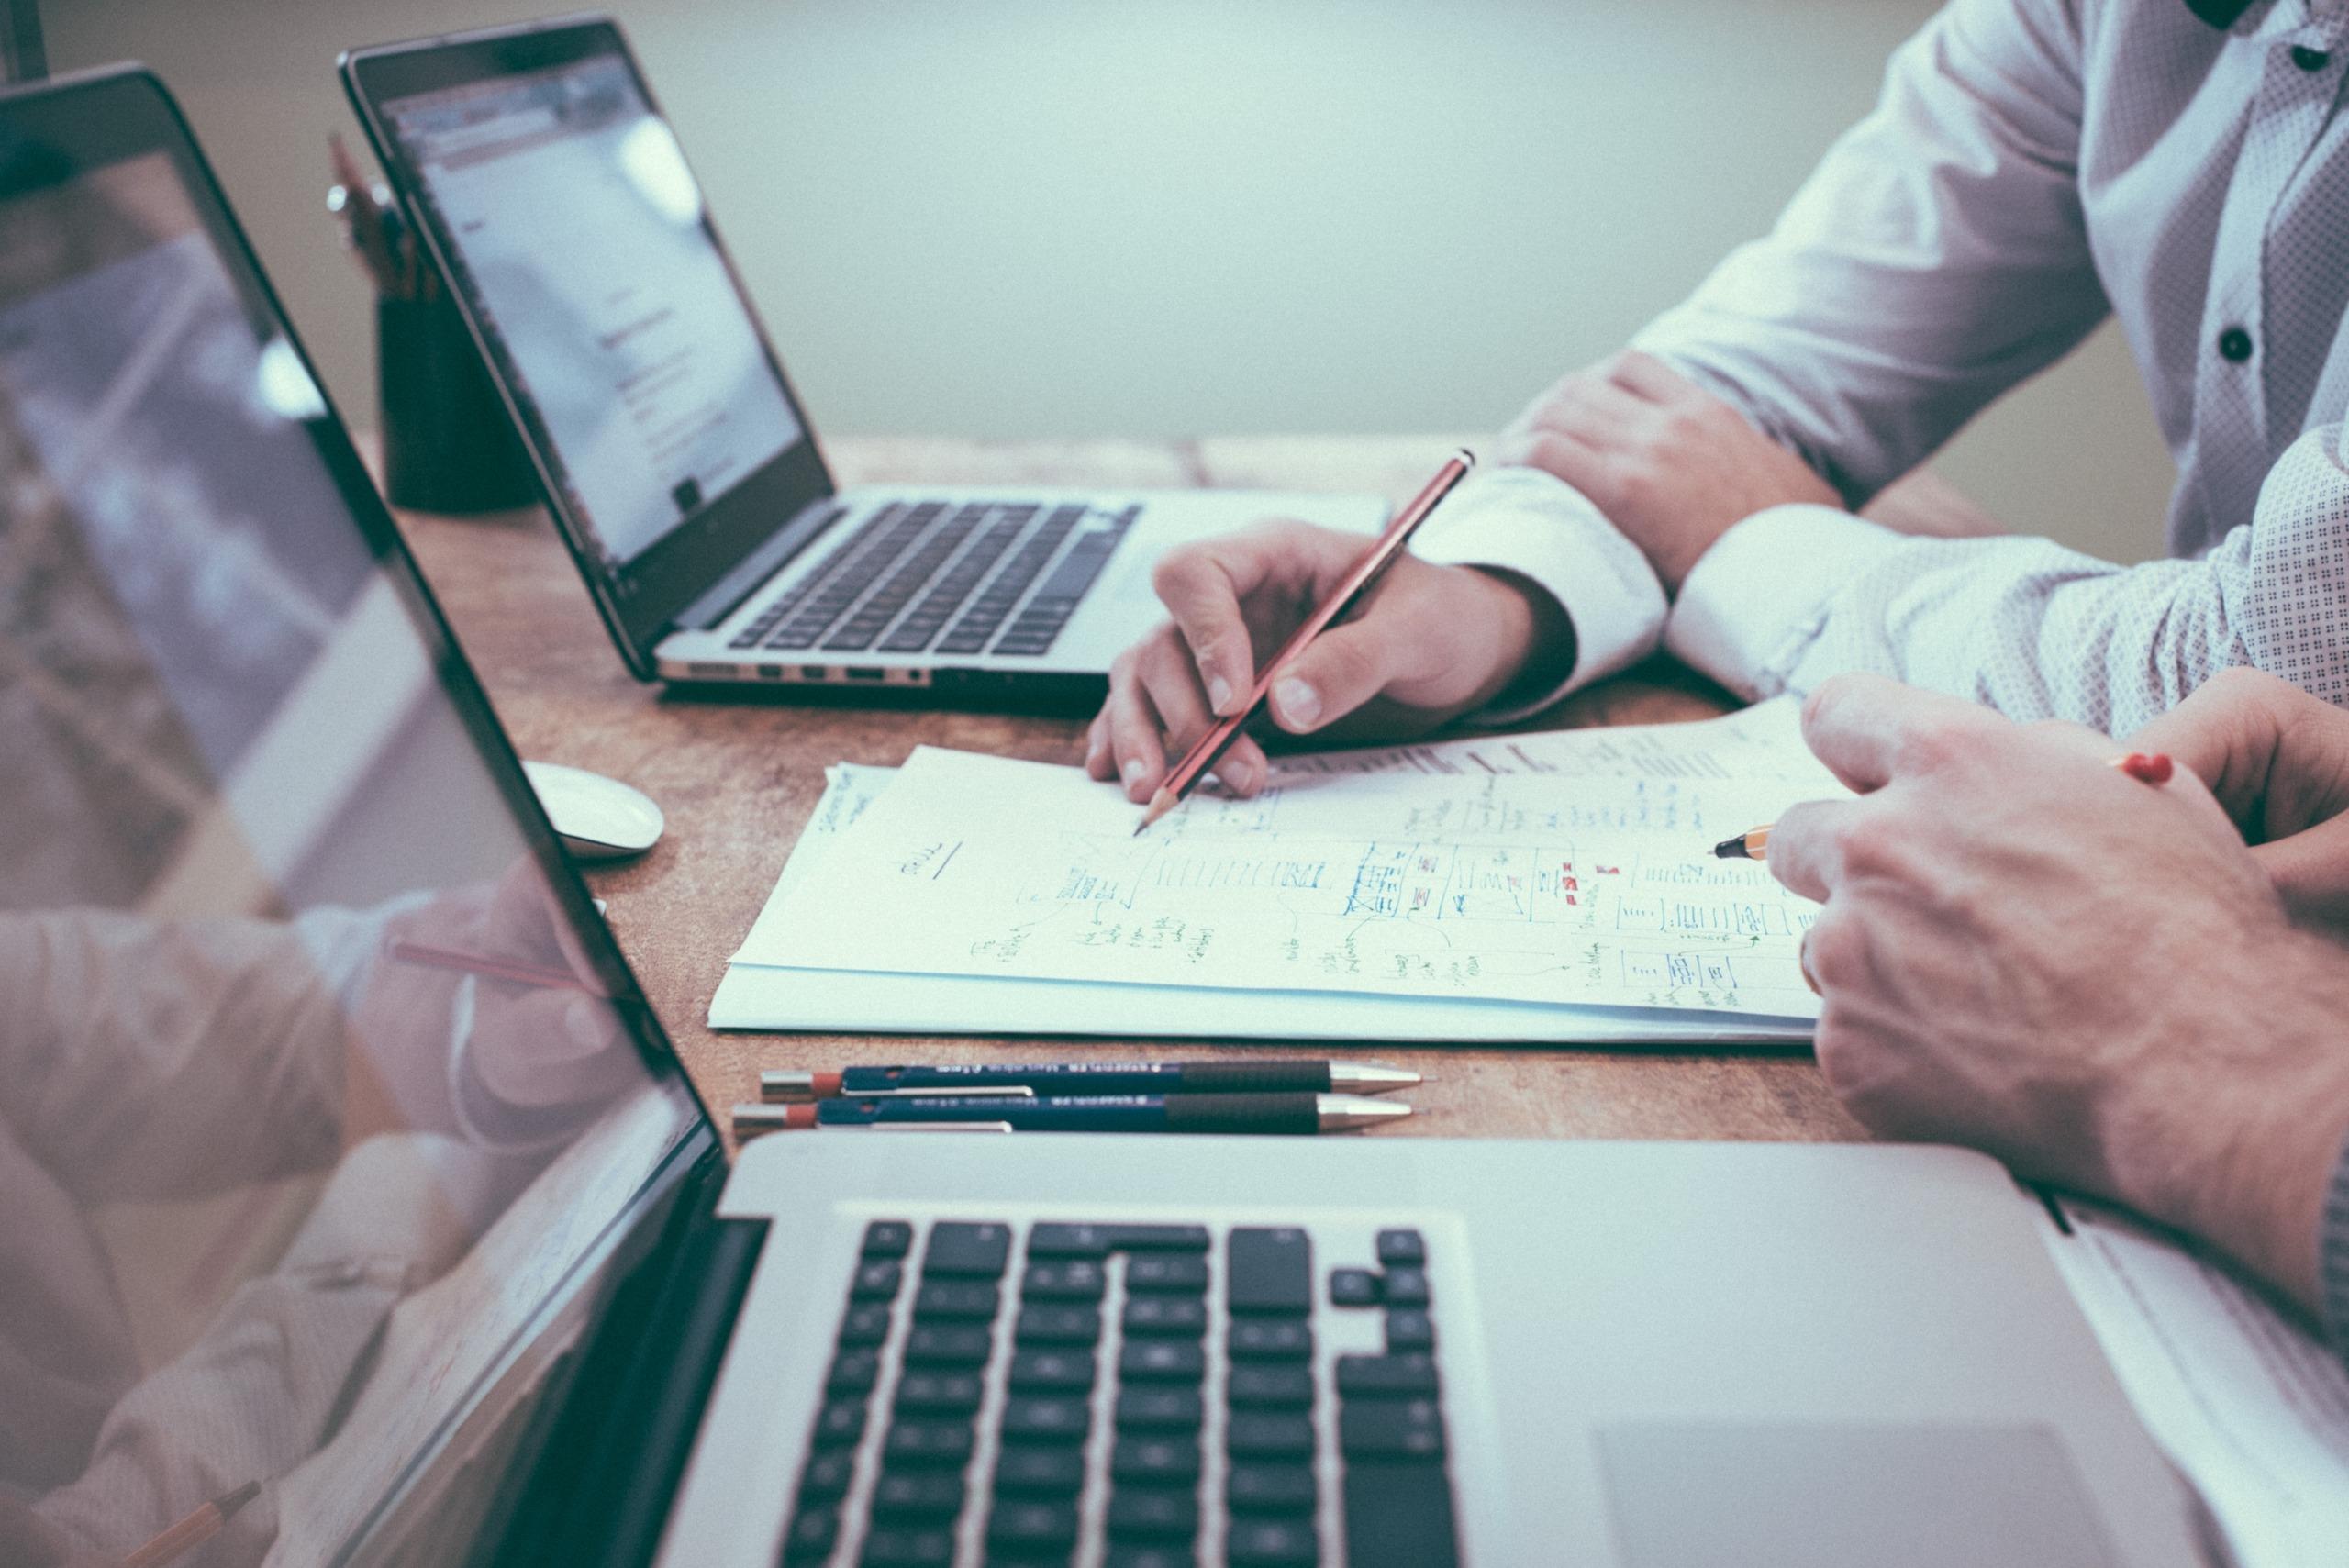 Plan eparne retraite _ fiscalité et nouvelles règles